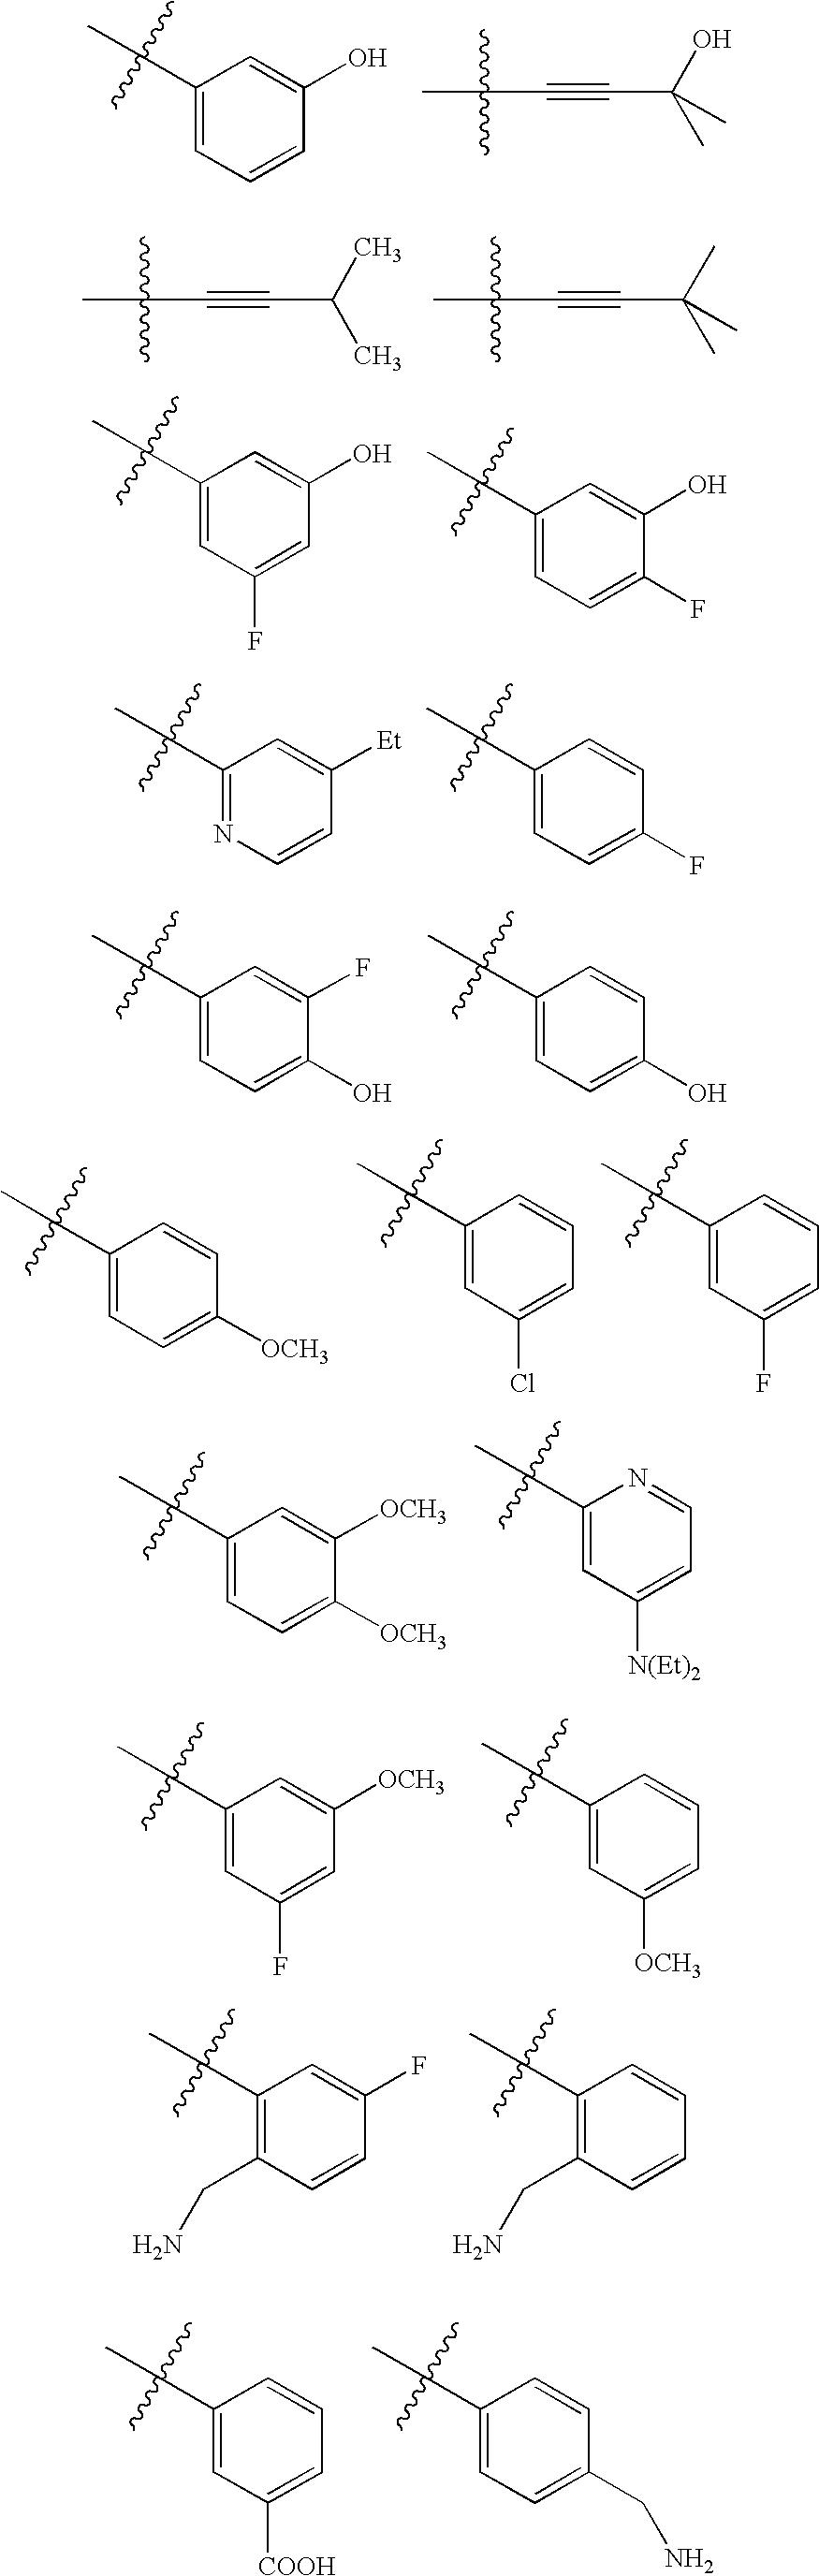 Figure US08193182-20120605-C00052